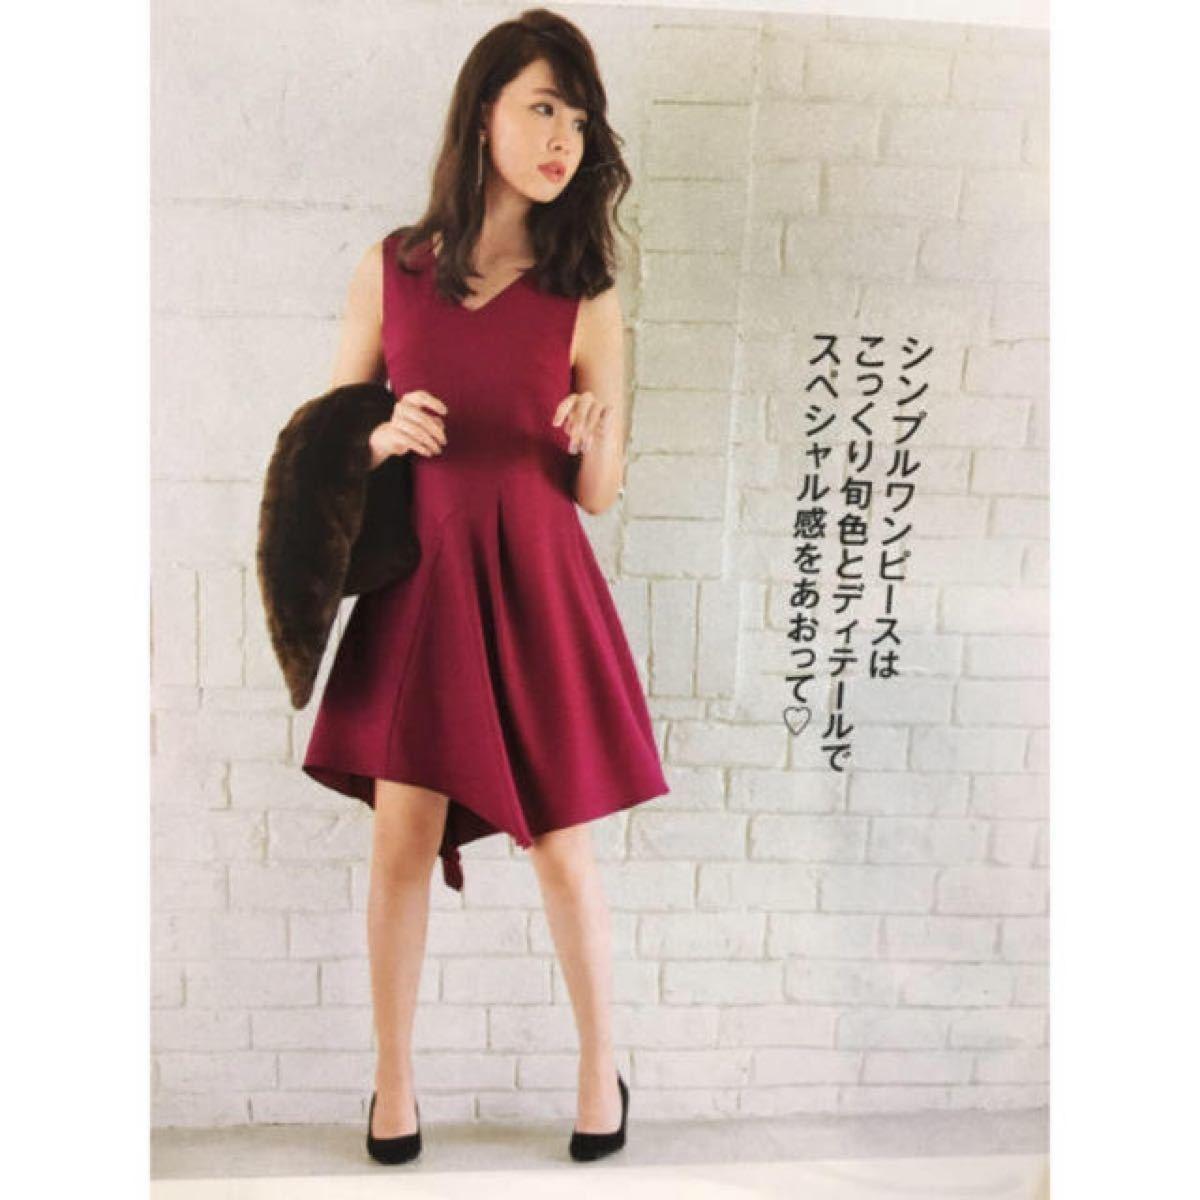 snidel スナイデル 小嶋陽菜着用 ワンピース ドレス オケージョン 美品